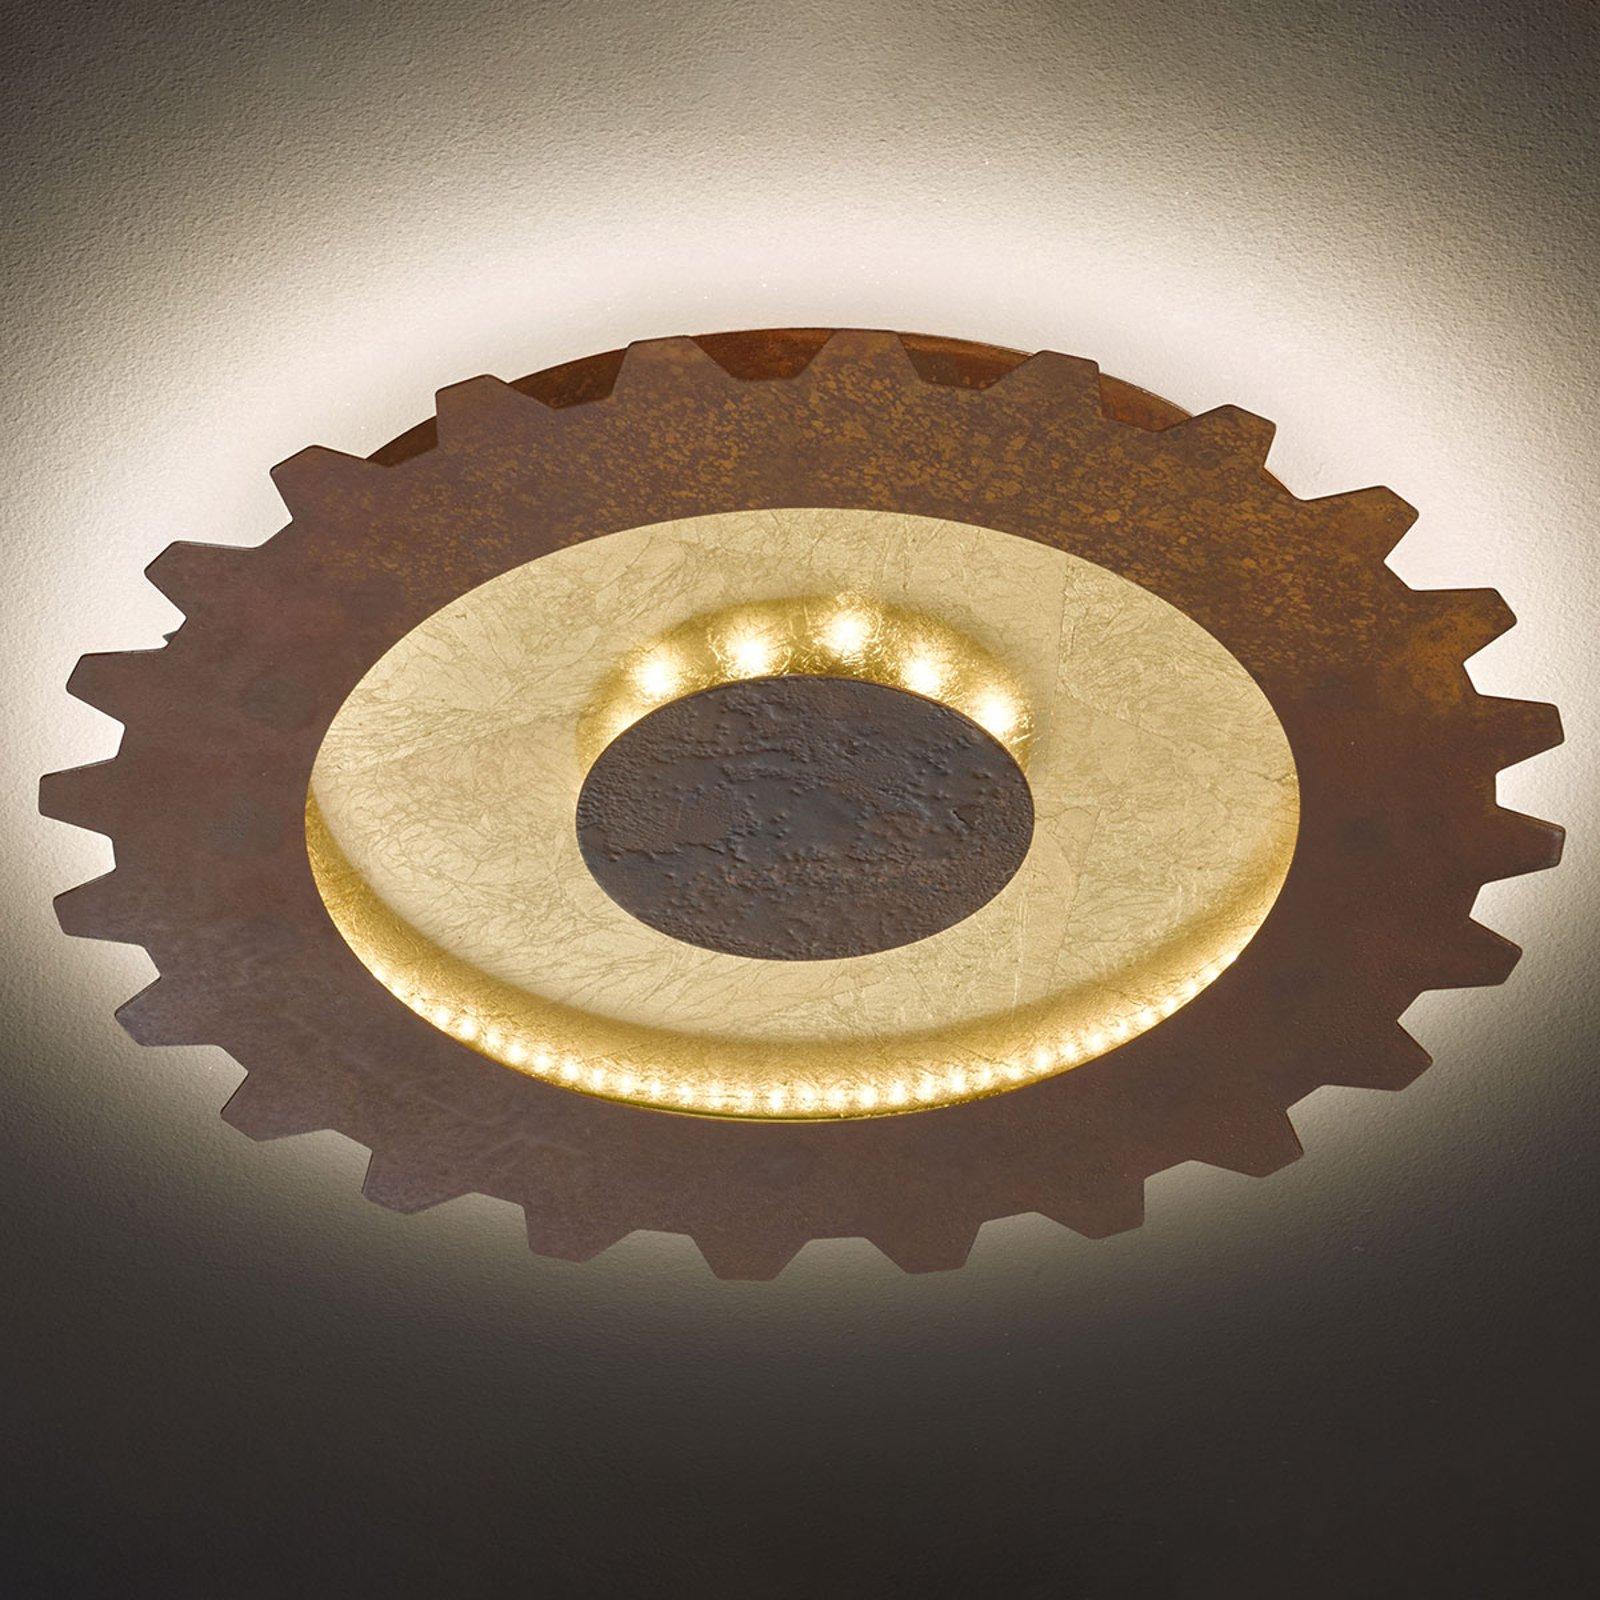 LED-taklampe Leif i tannhjulstil, Ø 50 cm